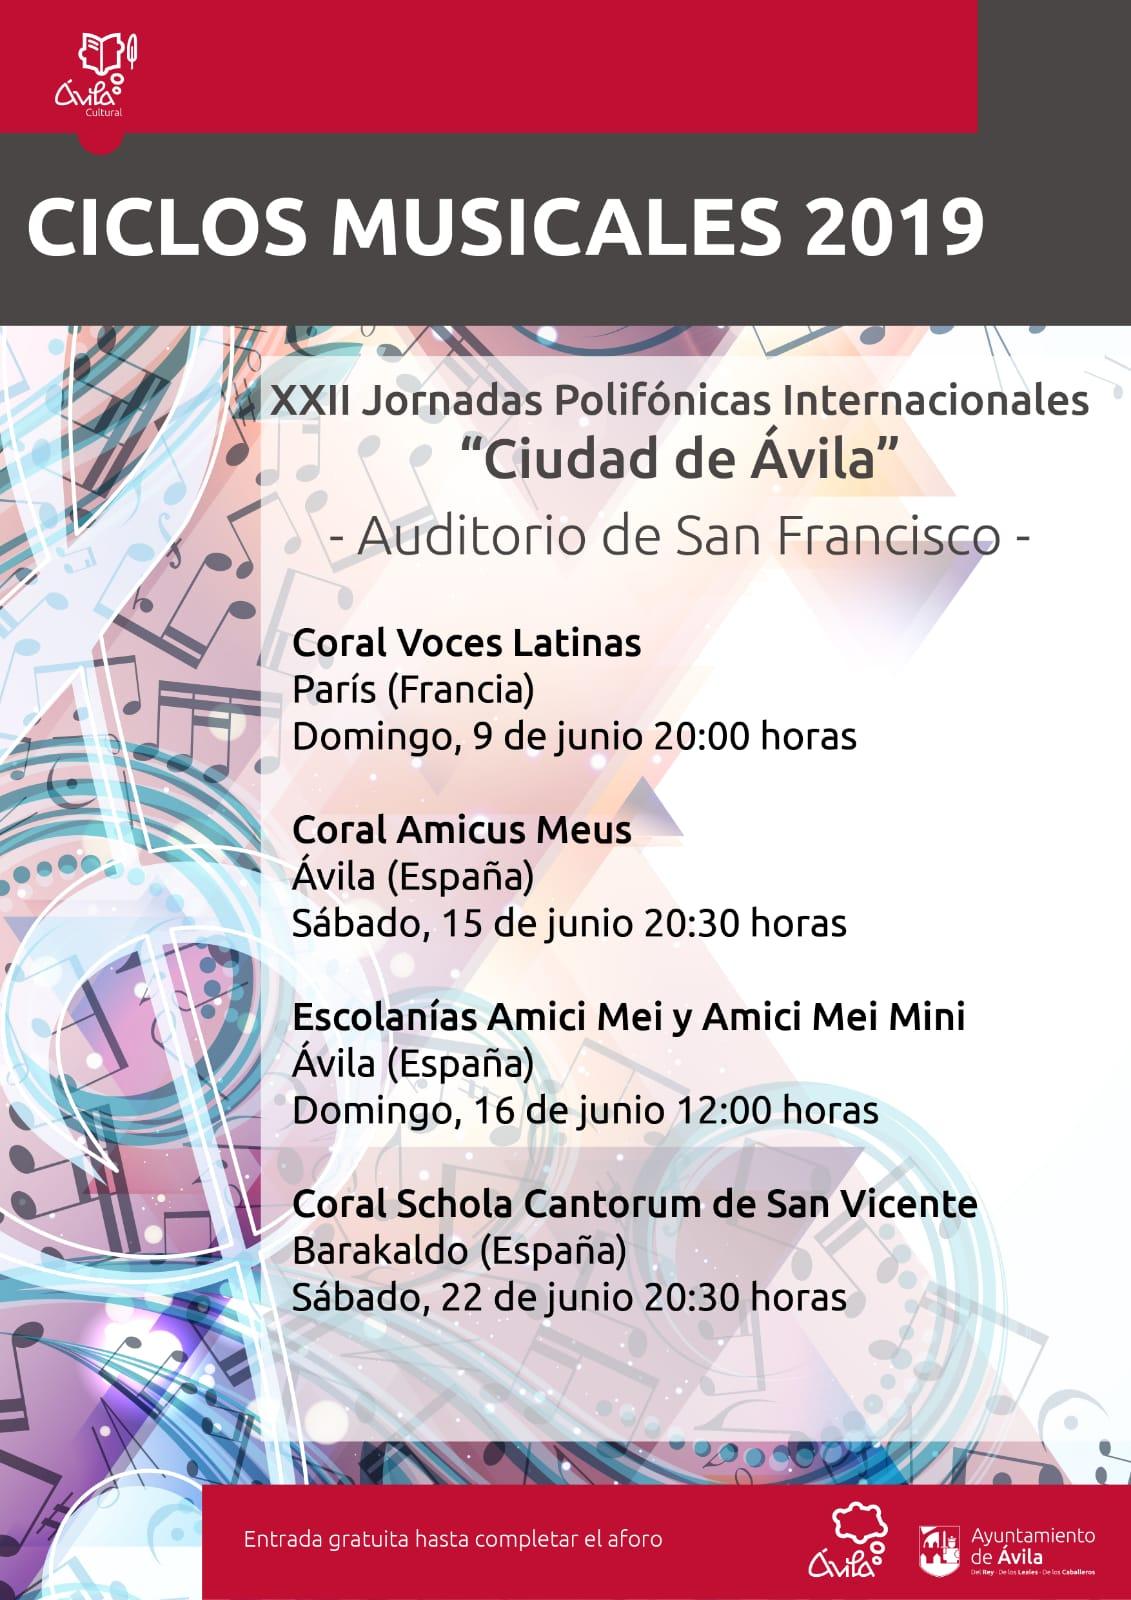 XXII Jornadas Polifónicas internacionalesCiudad de Ávila